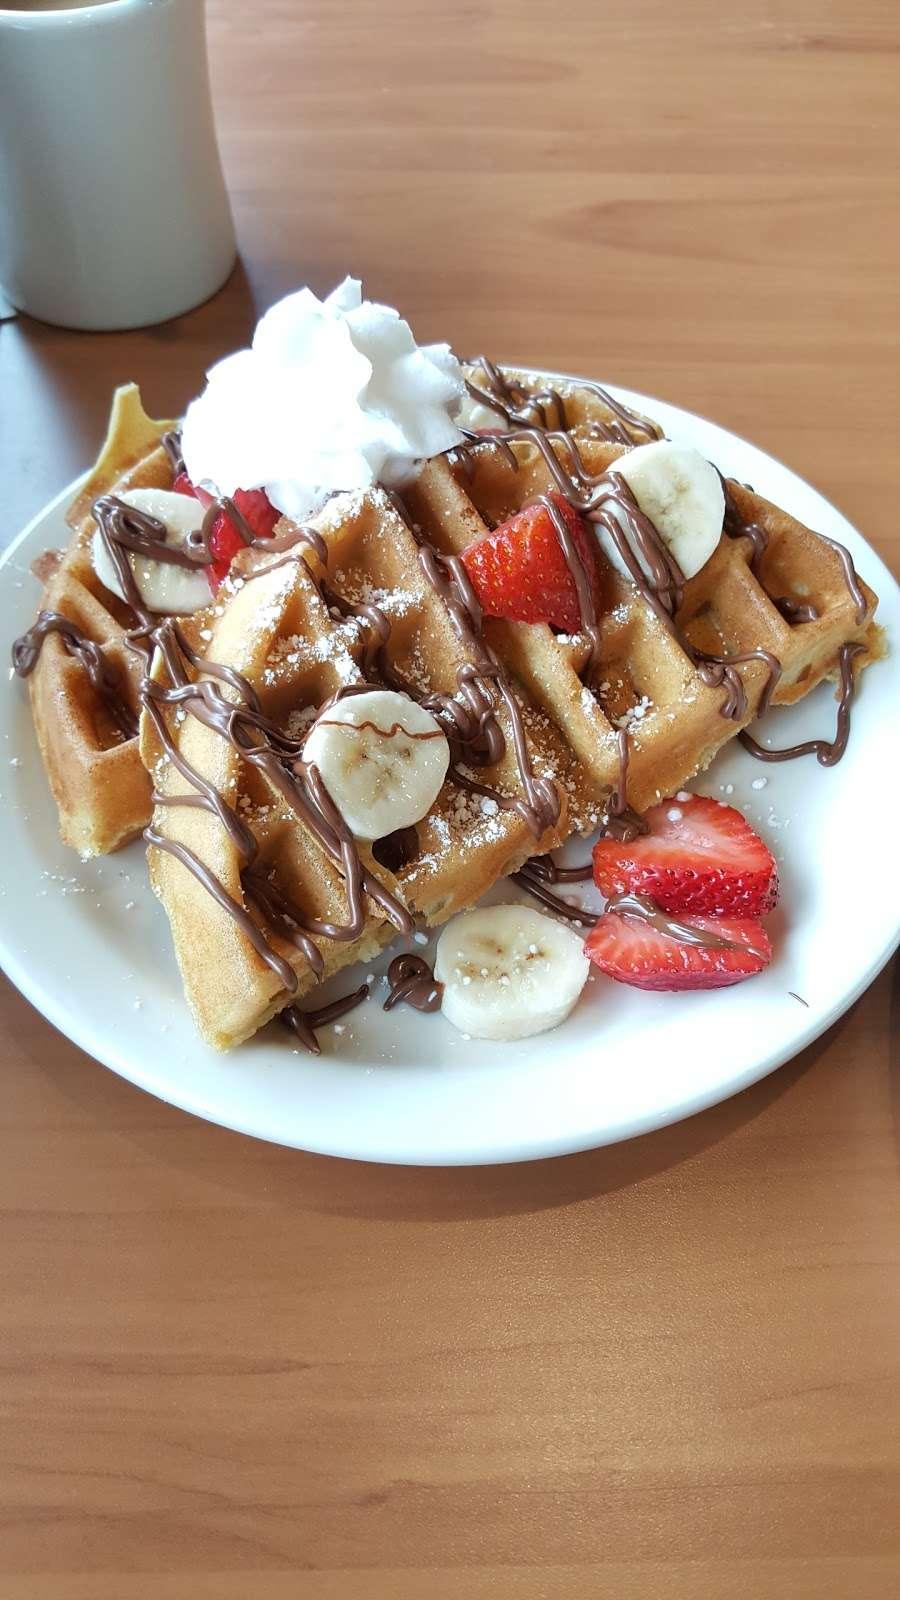 Loaded Cafe Restaurants Bellflower - cafe  | Photo 9 of 10 | Address: 15700 Bellflower Blvd, Bellflower, CA 90706, USA | Phone: (562) 210-5467